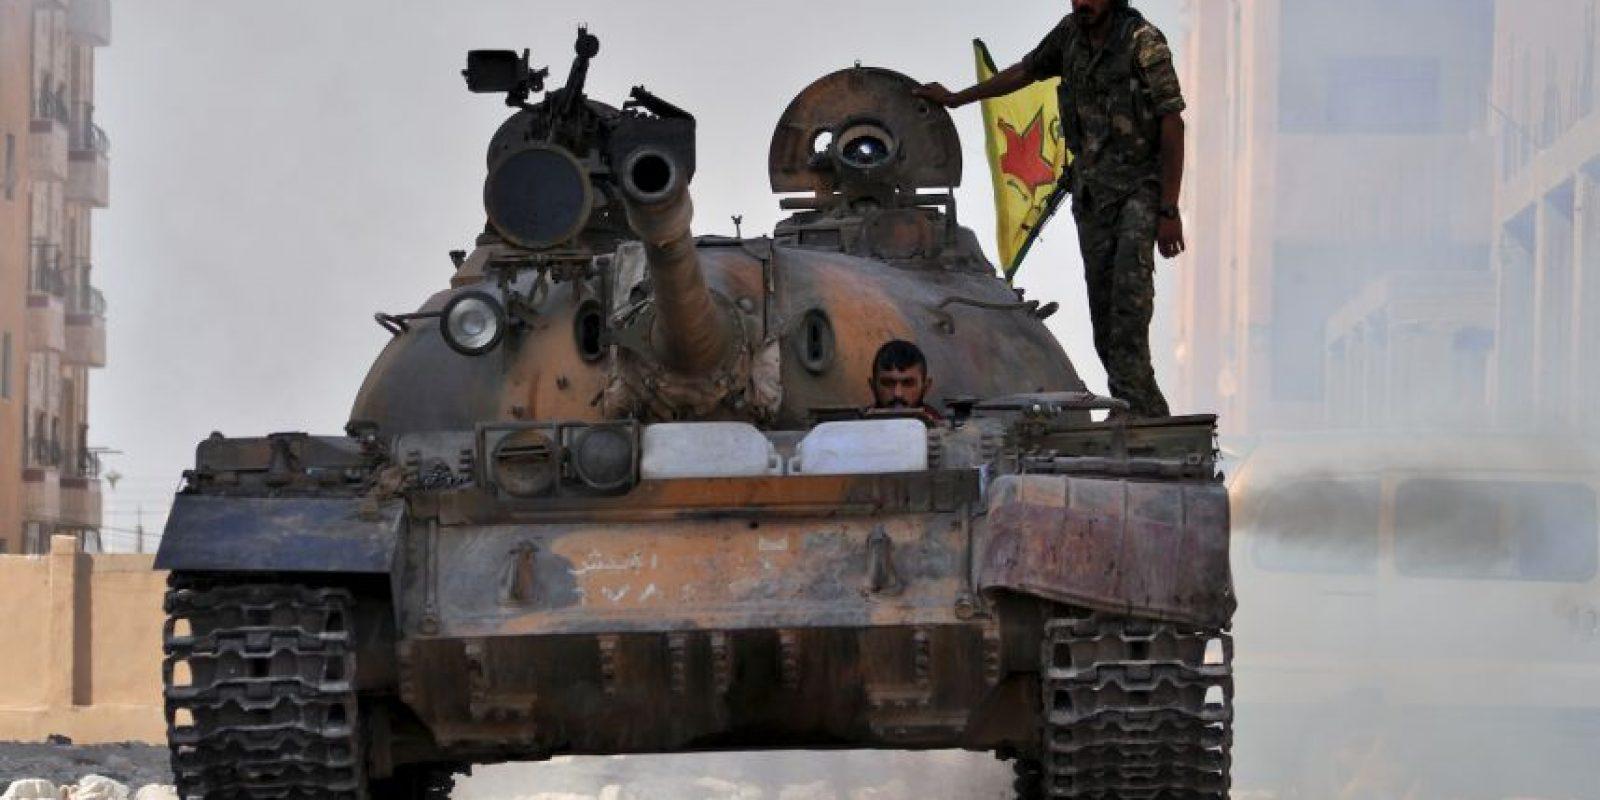 Después de dos semanas de que los rebeldes entrenados llegaran a territorio sirio fueron atacados. Foto:AFP